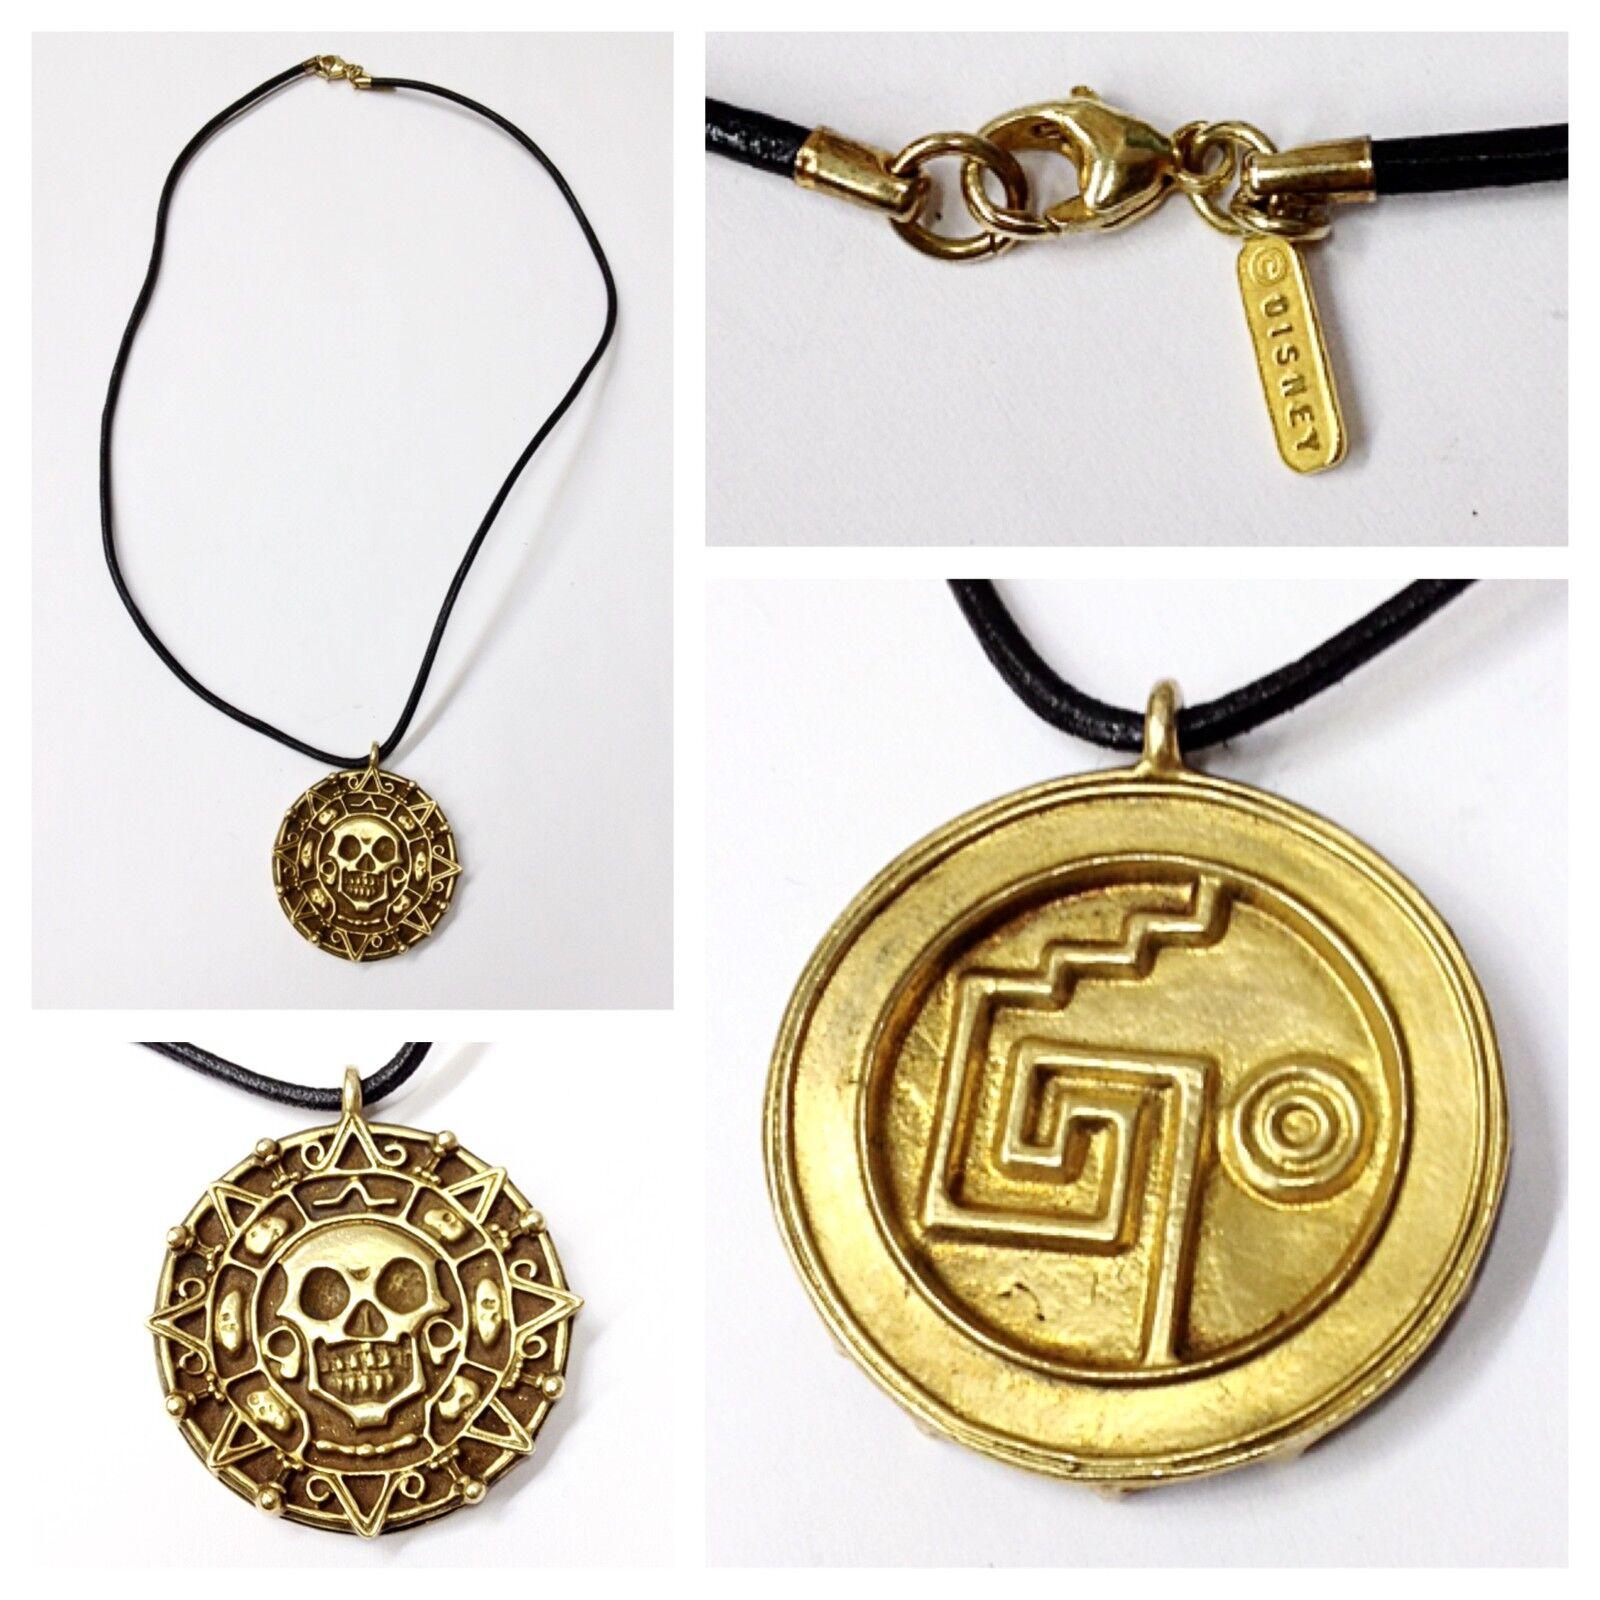 Bracelet avec 925 ER estampillé plaqué or pendentif collier chaîne